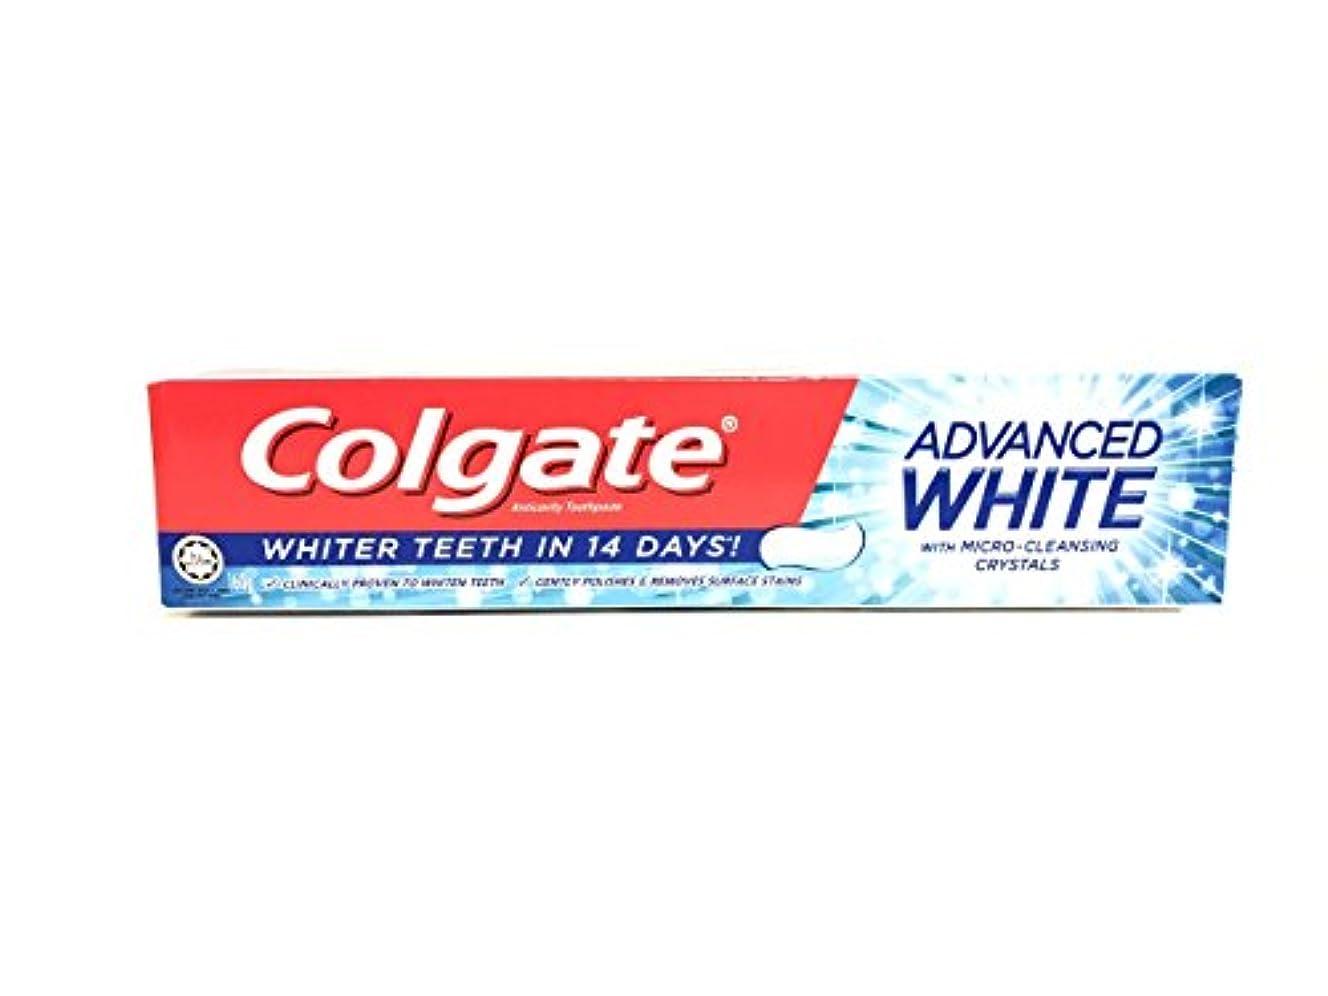 オーナーむちゃくちゃ抵抗力がある[ARTASY WORKSHOP®][並行輸入品] Colgate コルゲート 歯磨き粉 美白 ADVANCED WHITE 美白歯磨剤 虫歯予防 歯周病ケア 口臭改善 ホワイトニング (ADVANCED WHITE)